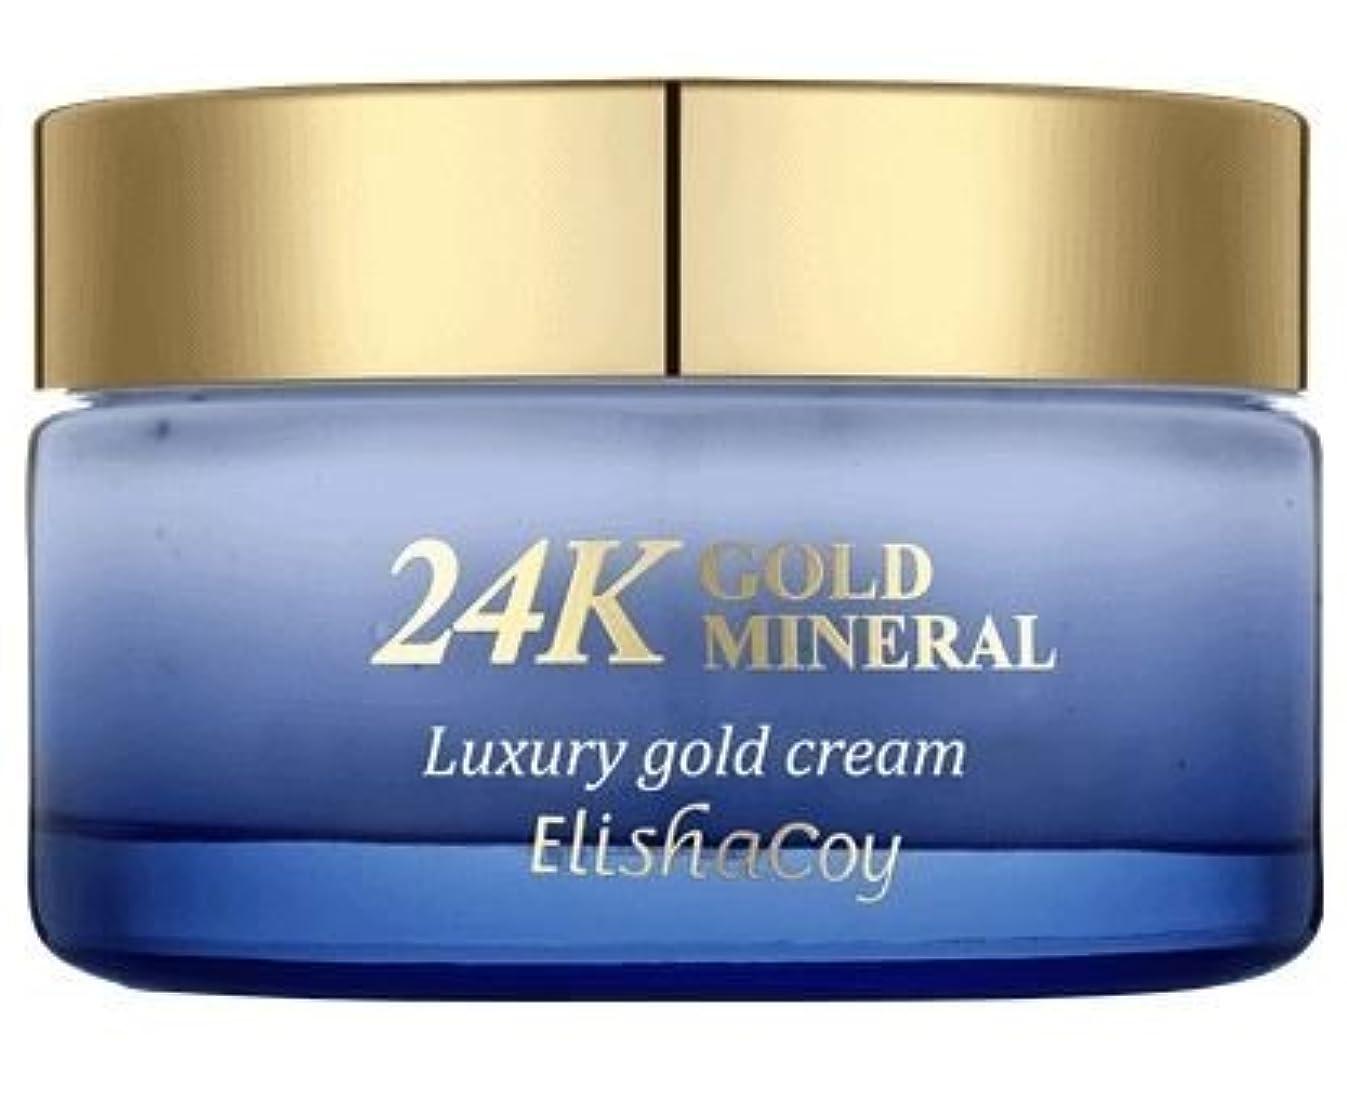 ソフィー申し立てられただます24Kゴールドミネラルクリーム(50g) Elishacoy エリシャコイ